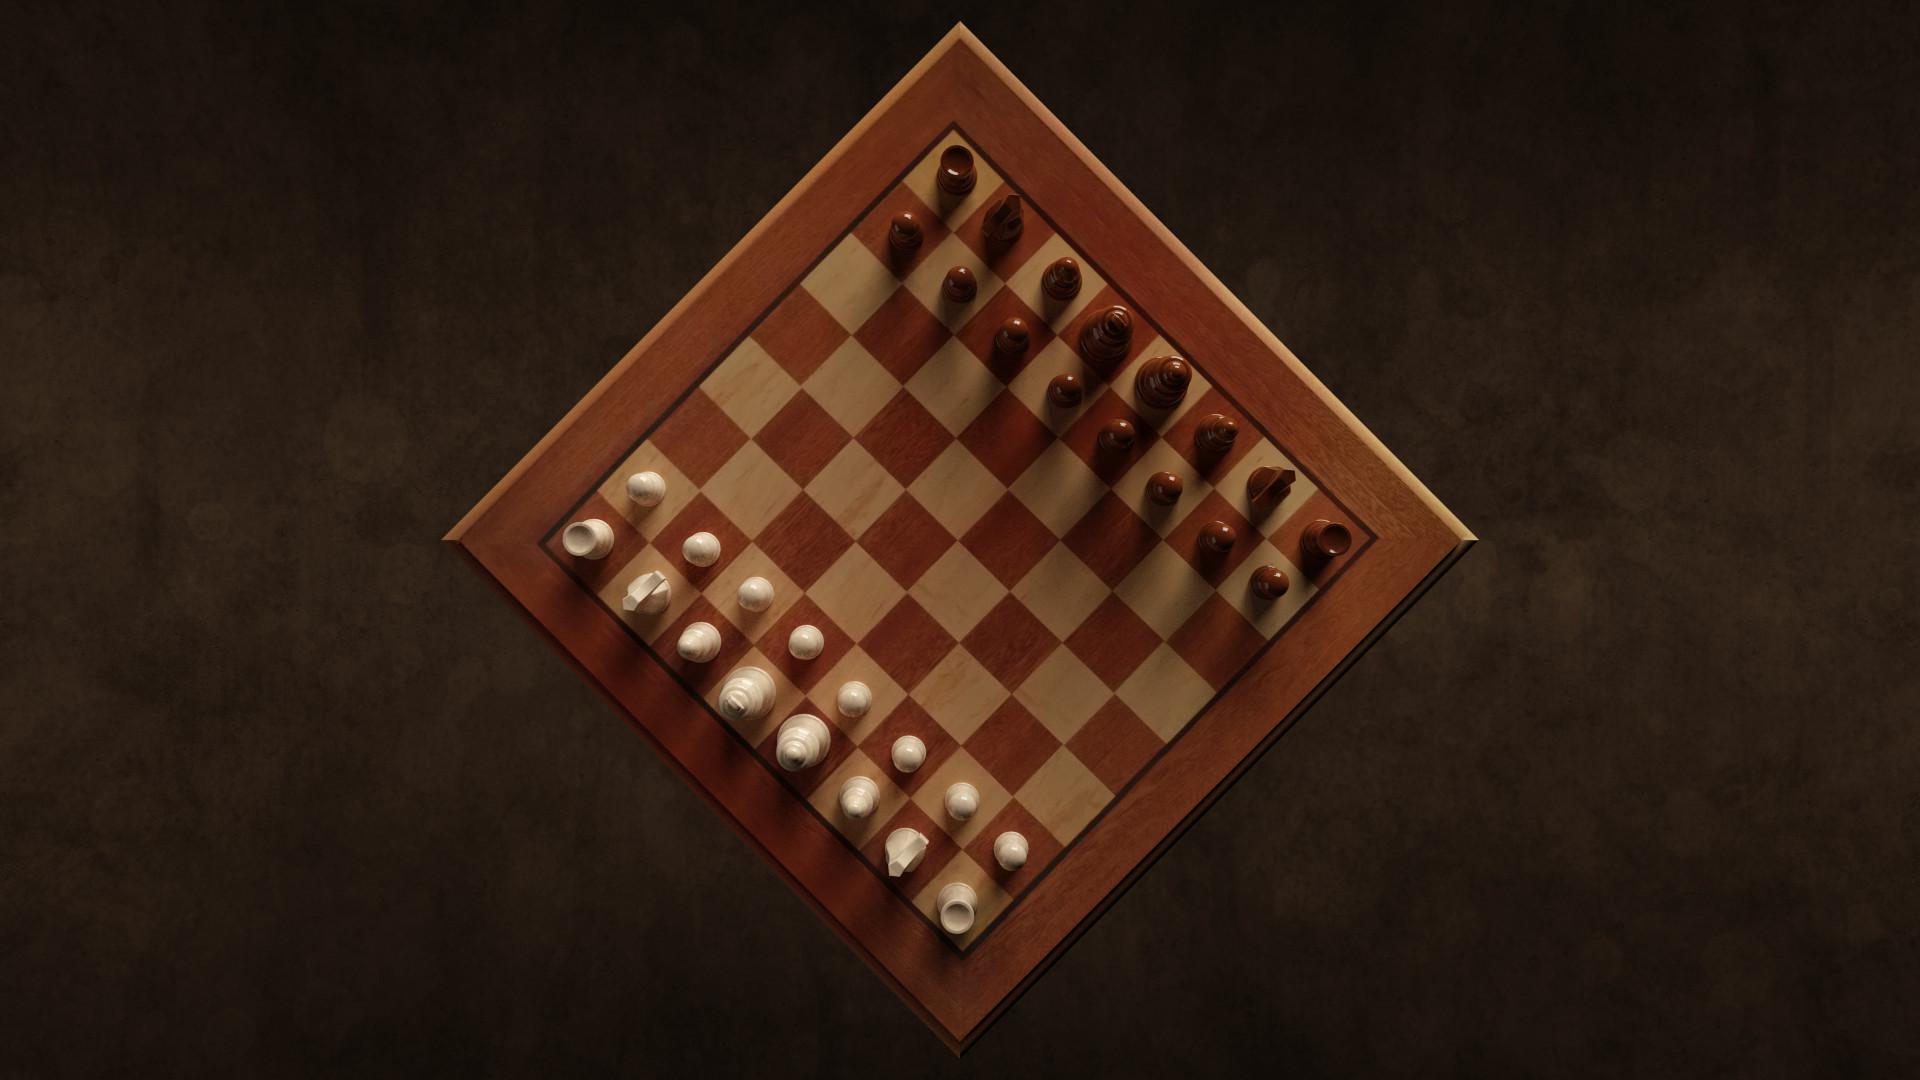 Chris ebbinger chessboard studio lighting 2